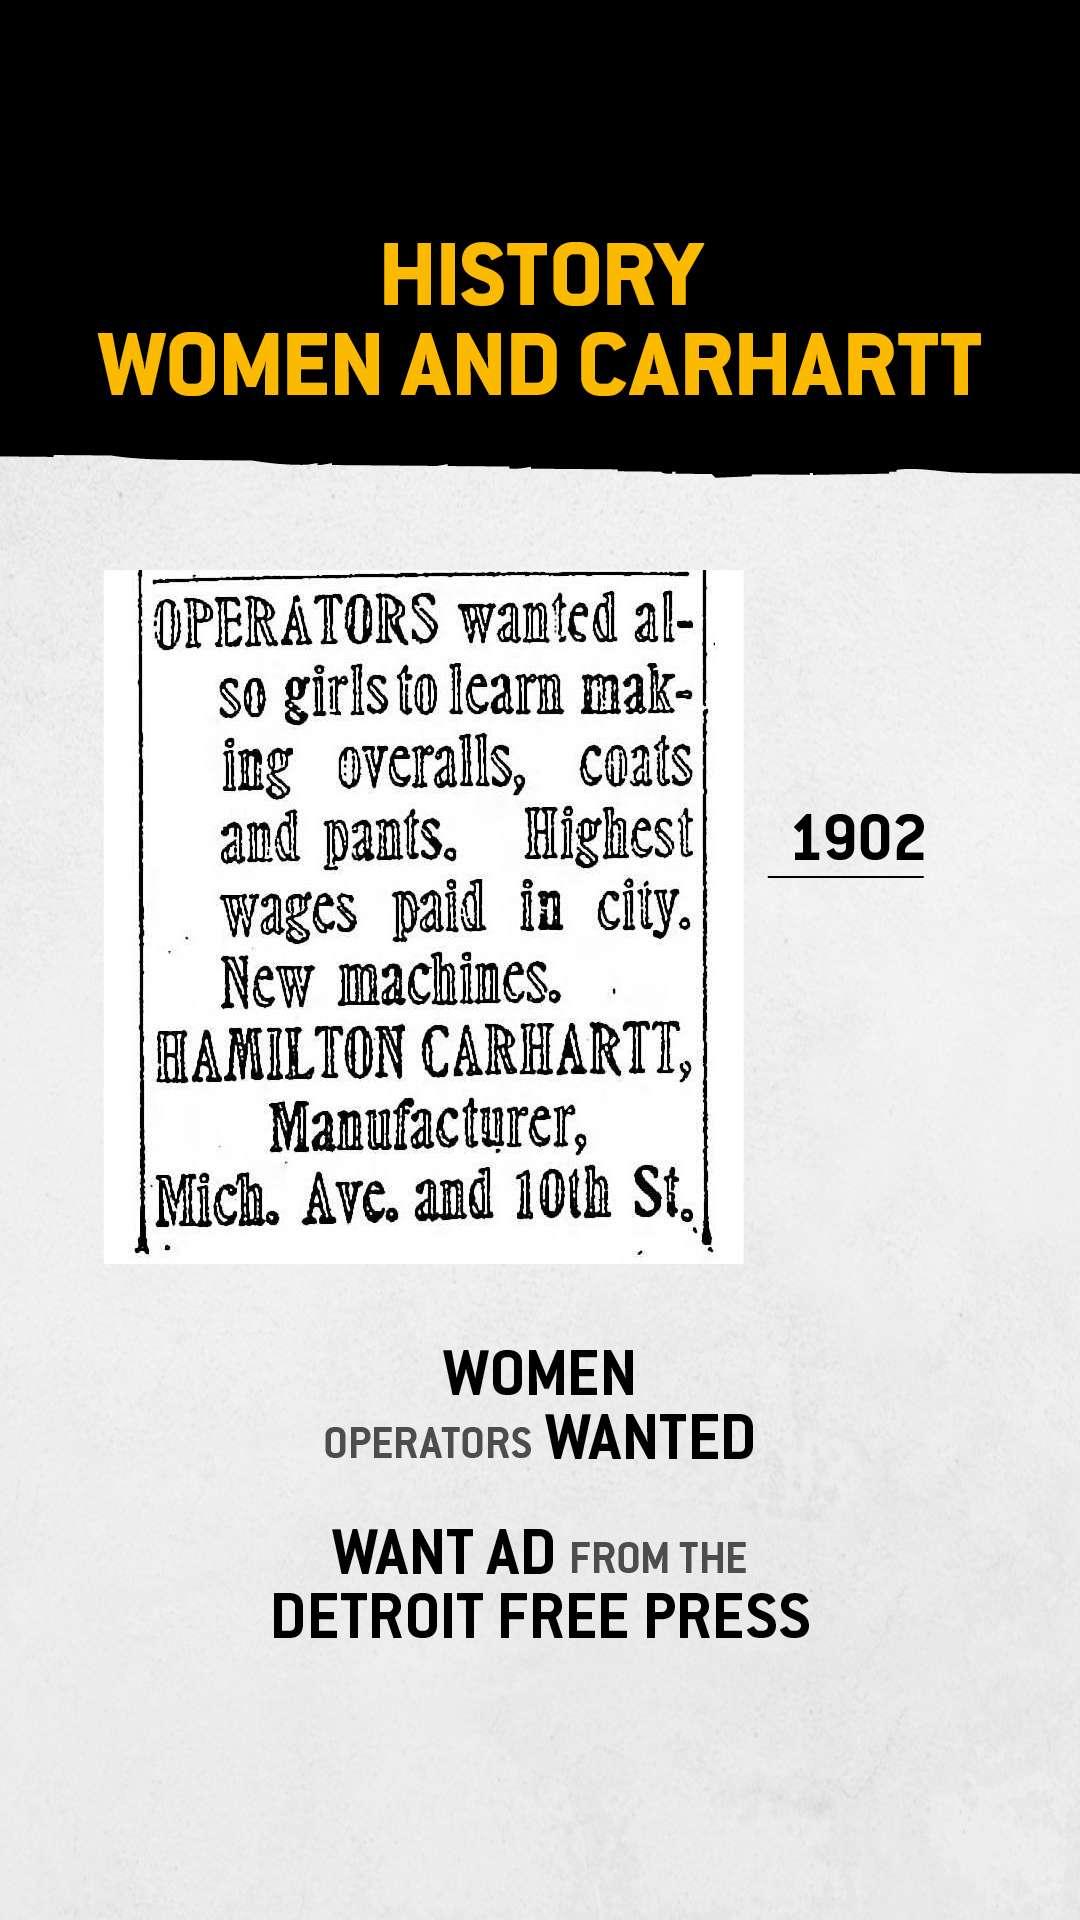 Gevraagd advertentie uit de Detroit Free Press, september 1902